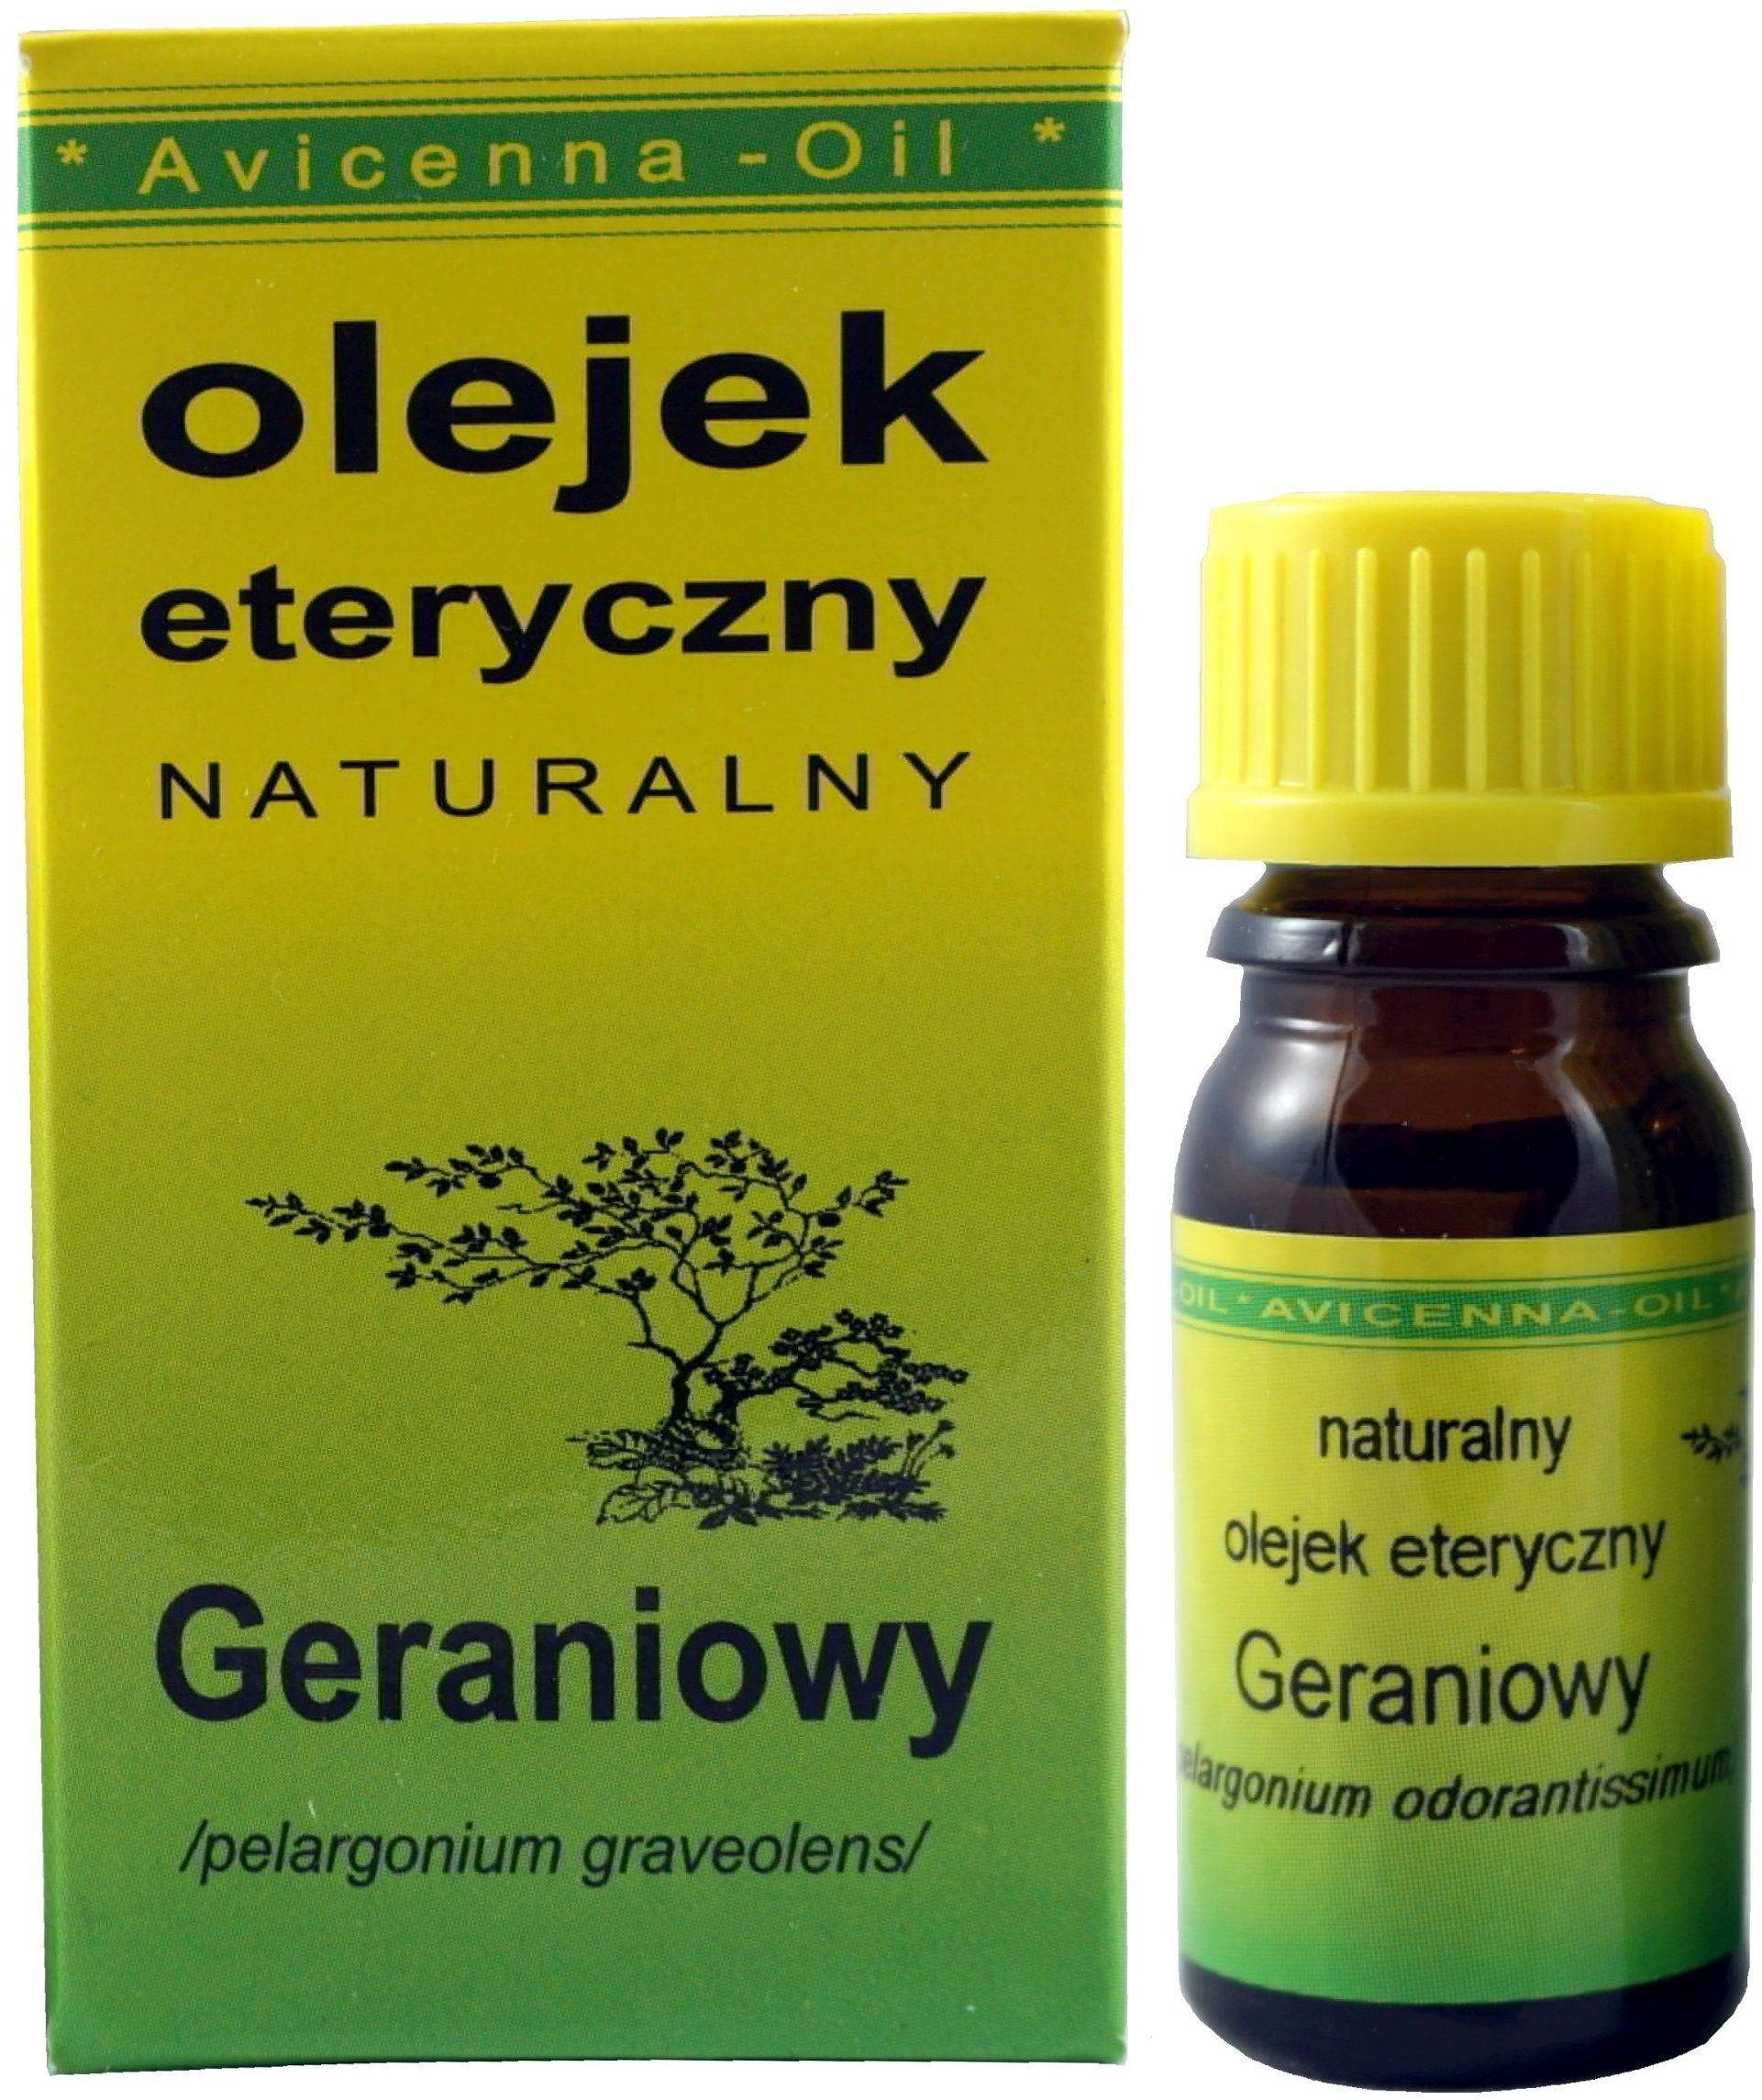 Olejek eteryczny Geraniowy - 7ml - Avicenna Oil